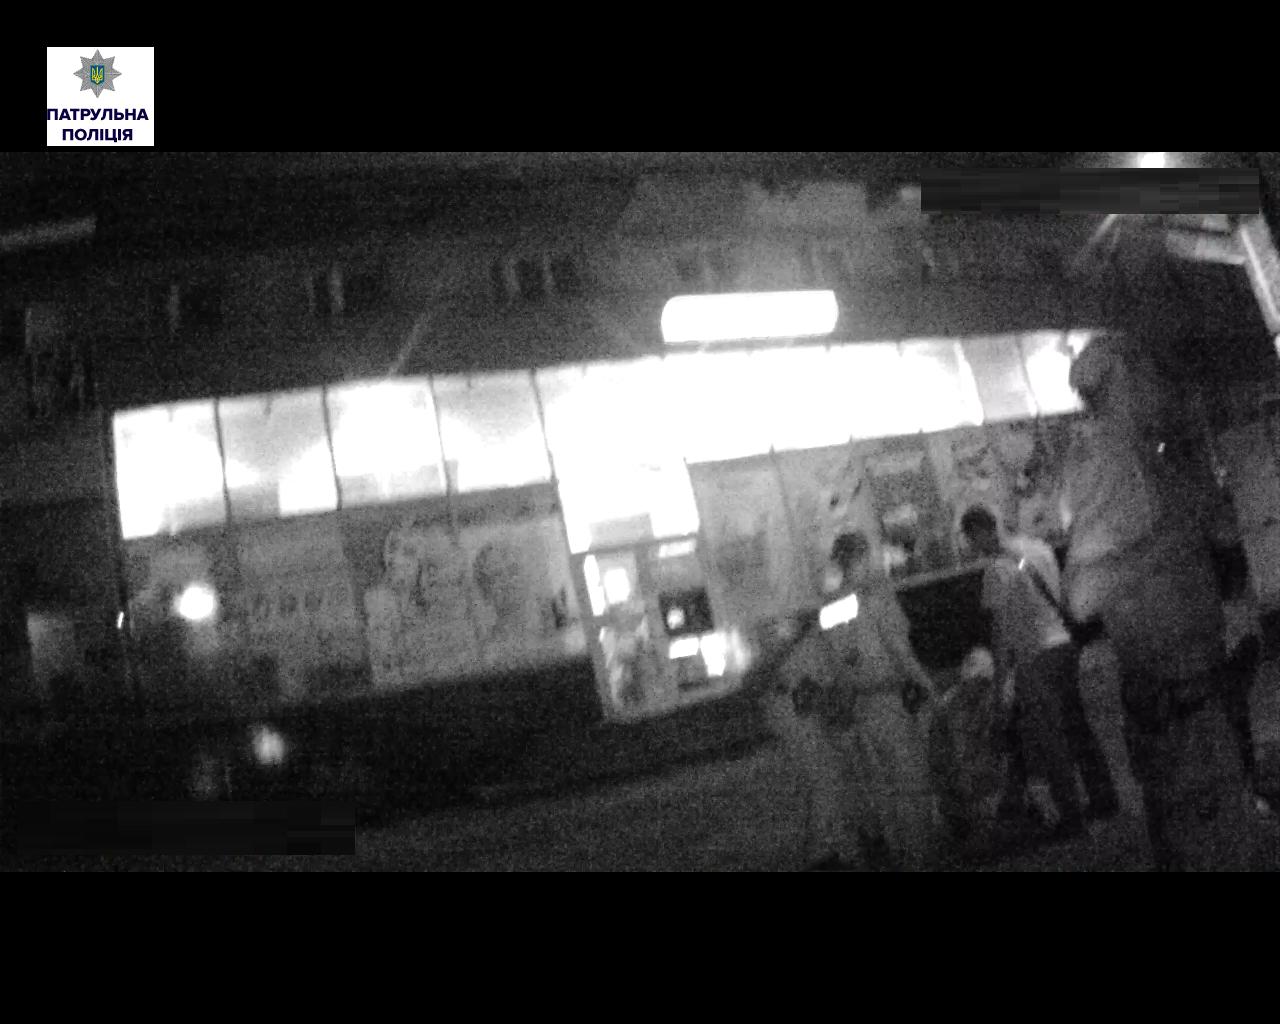 У Миколаєві перехожий з пивом порізав чоловіка пляшкою